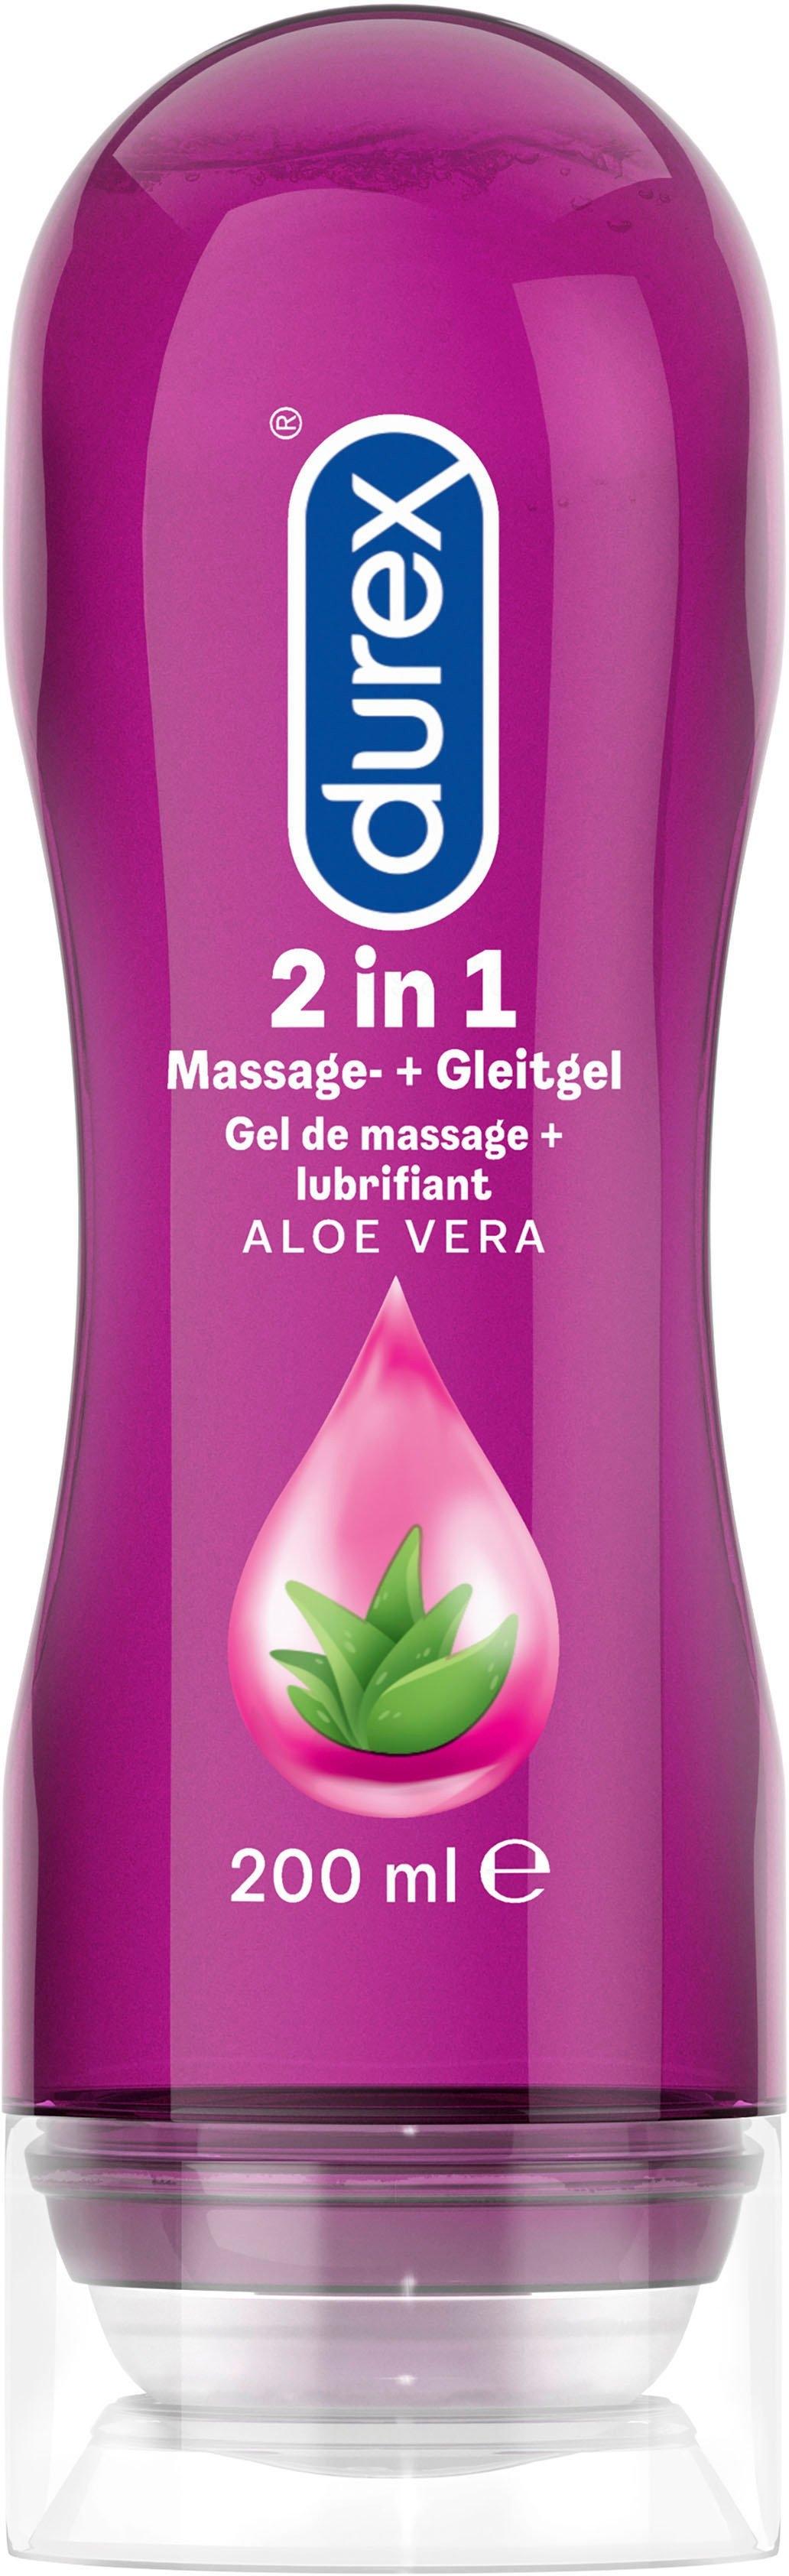 durex glij- en massagegel 2in1 Aloe Vera nu online bestellen